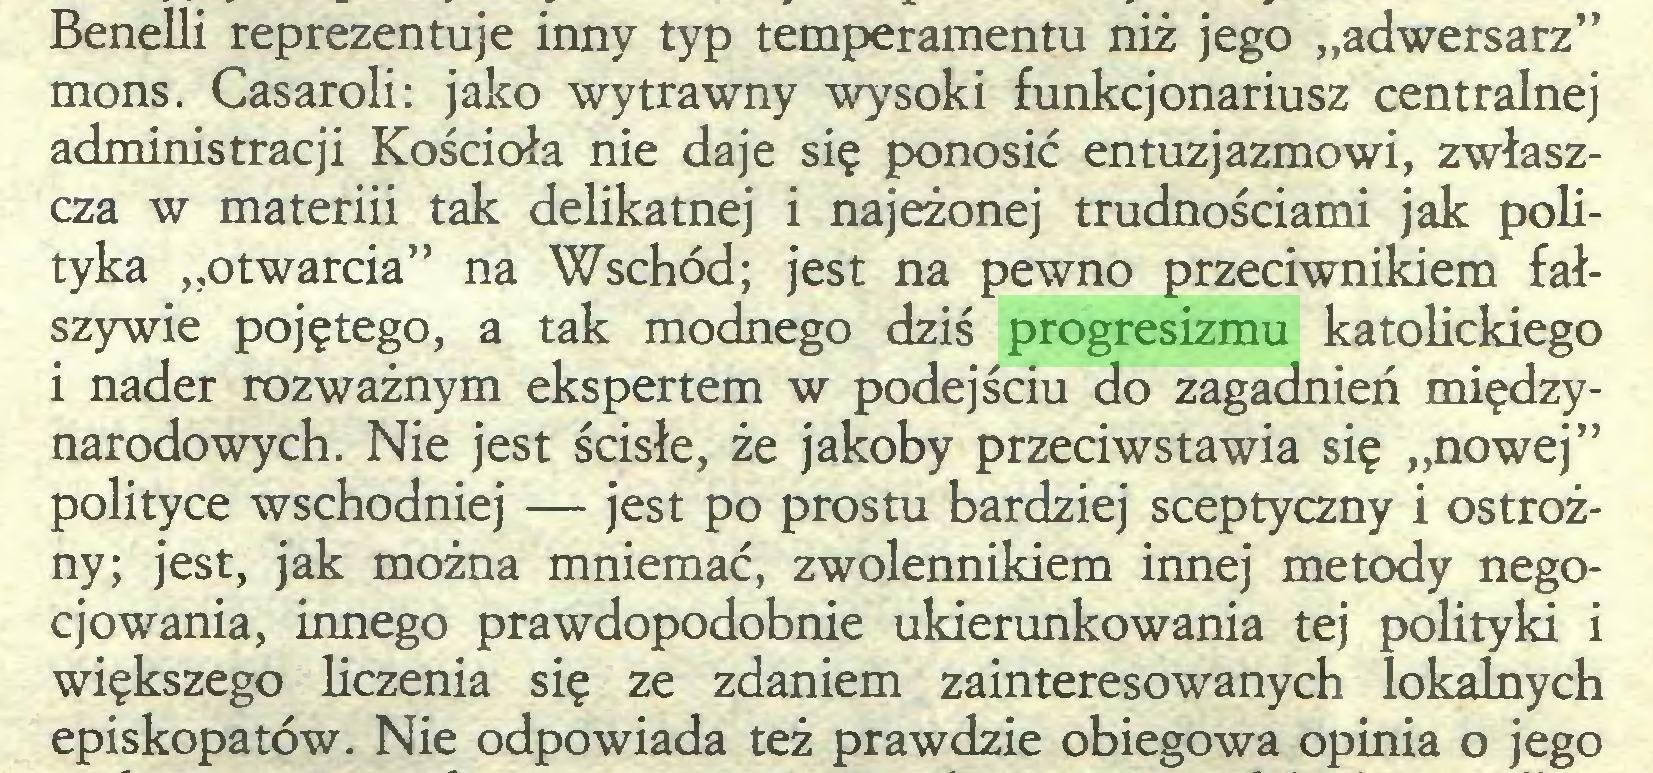 """(...) Benelli reprezentuje inny typ temperamentu niż jego """"adwersarz"""" mons. Casaroli: jako wytrawny wysoki funkcjonariusz centralnej administracji Kościoła nie daje się ponosić entuzjazmowi, zwłaszcza w materiii tak delikatnej i najeżonej trudnościami jak polityka """"otwarcia"""" na Wschód; jest na pewno przeciwnikiem fałszywie pojętego, a tak modnego dziś progresizmu katolickiego i nader rozważnym ekspertem w podejściu do zagadnień międzynarodowych. Nie jest ścisłe, że jakoby przeciwstawia się """"nowej"""" polityce wschodniej — jest po prostu bardziej sceptyczny i ostrożny; jest, jak można mniemać, zwolennikiem innej metody negocjowania, innego prawdopodobnie ukierunkowania tej polityki i większego liczenia się ze zdaniem zainteresowanych lokalnych episkopatów. Nie odpowiada też prawdzie obiegowa opinia o jego..."""